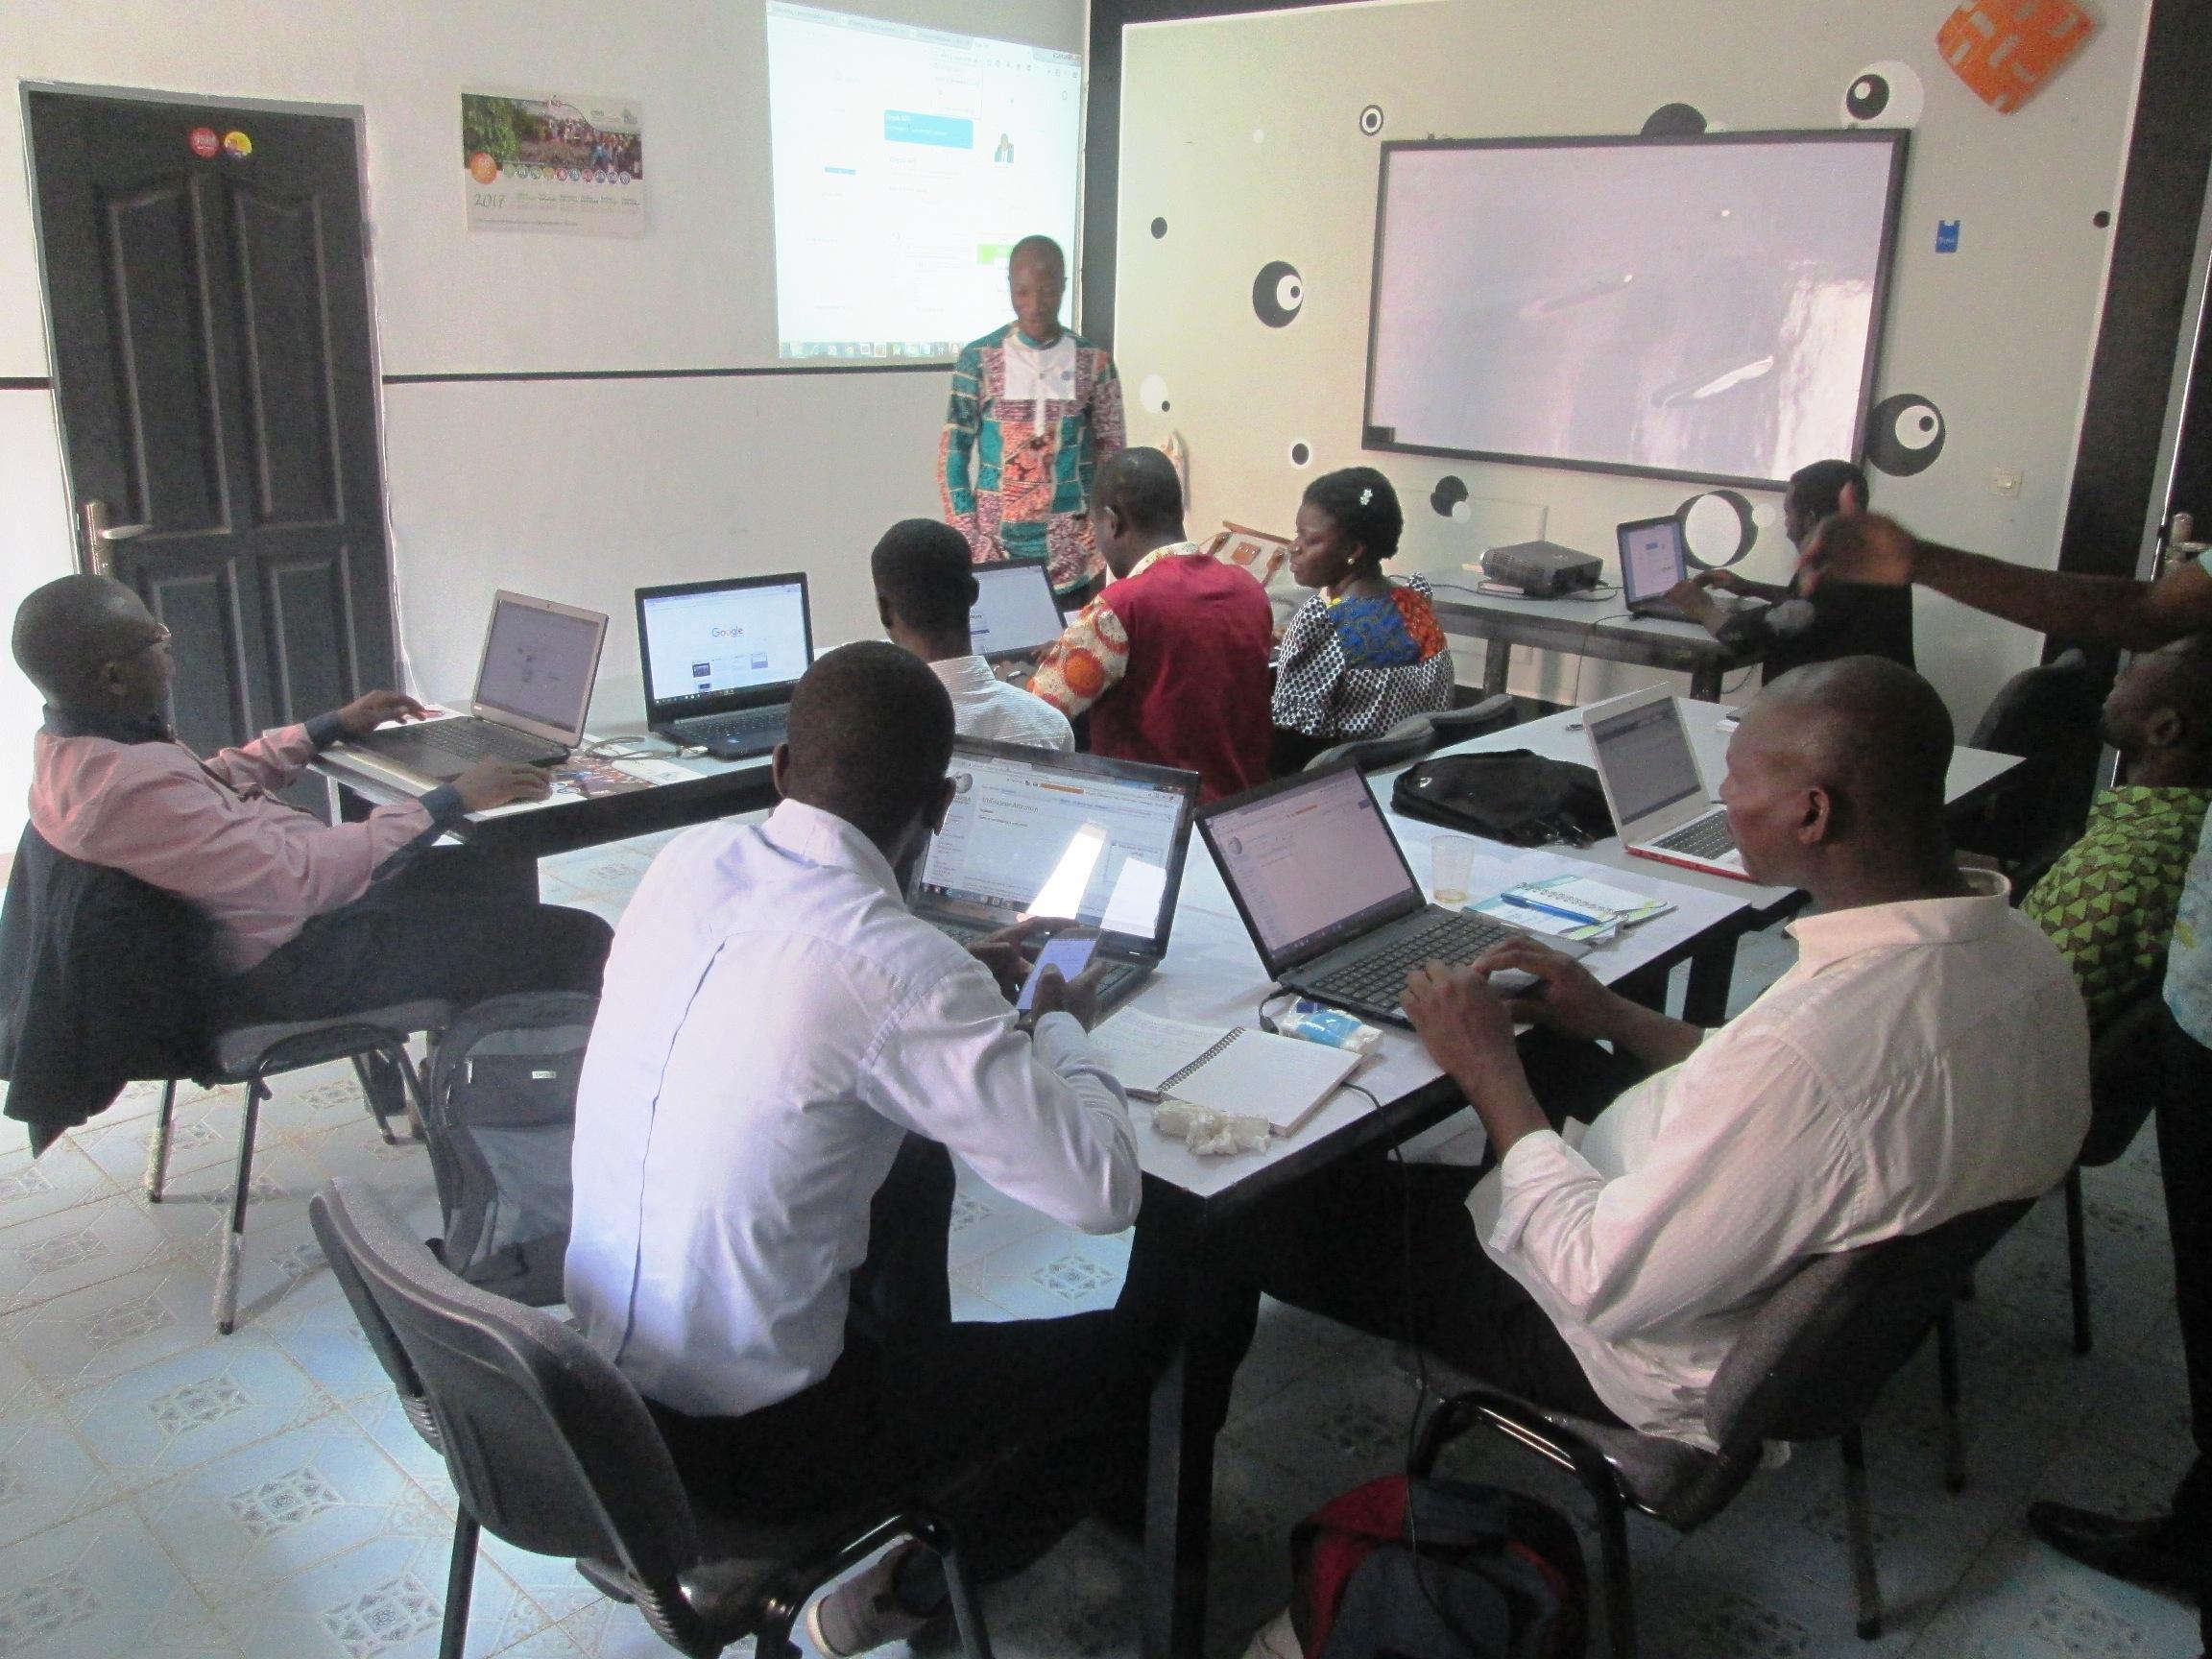 7 bibliothécaires de la Côte d'Ivoire éditent des portraits de femmes sur Wikipédia